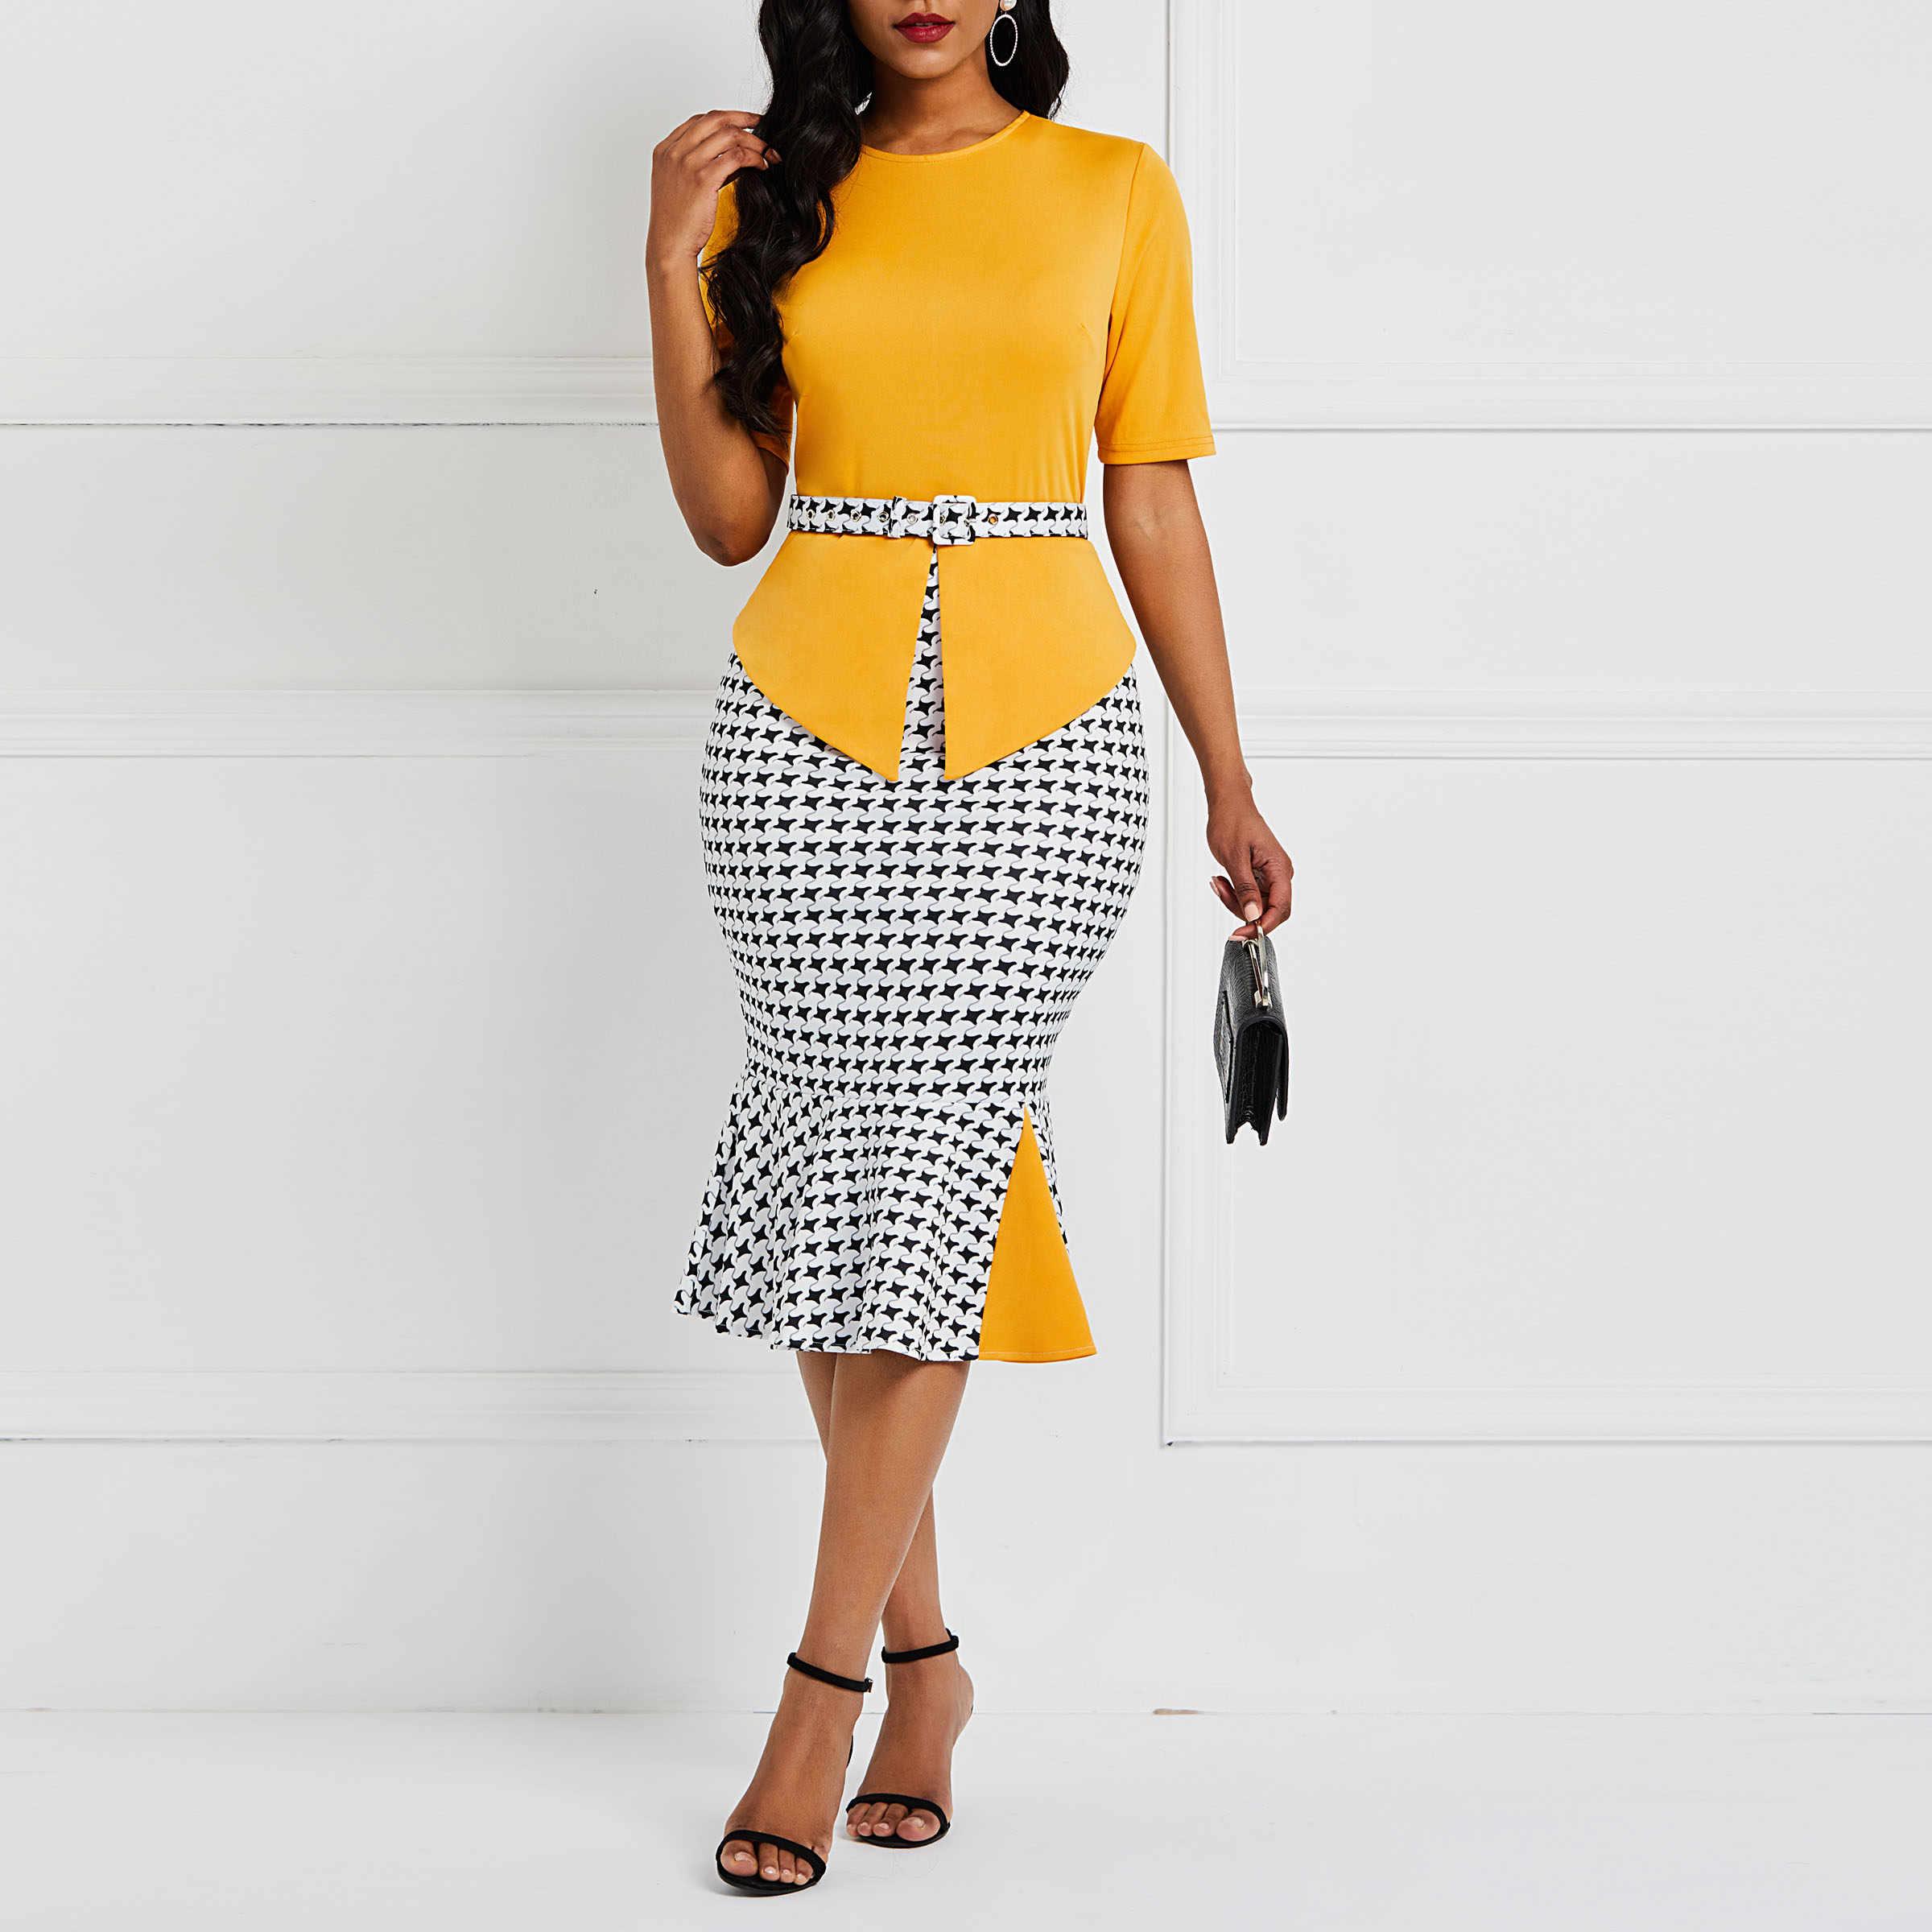 Офисное платье женское лоскутное клетчатое стильное красное уличное тонкое летнее женское желтое повседневное сексуальное облегающее платье